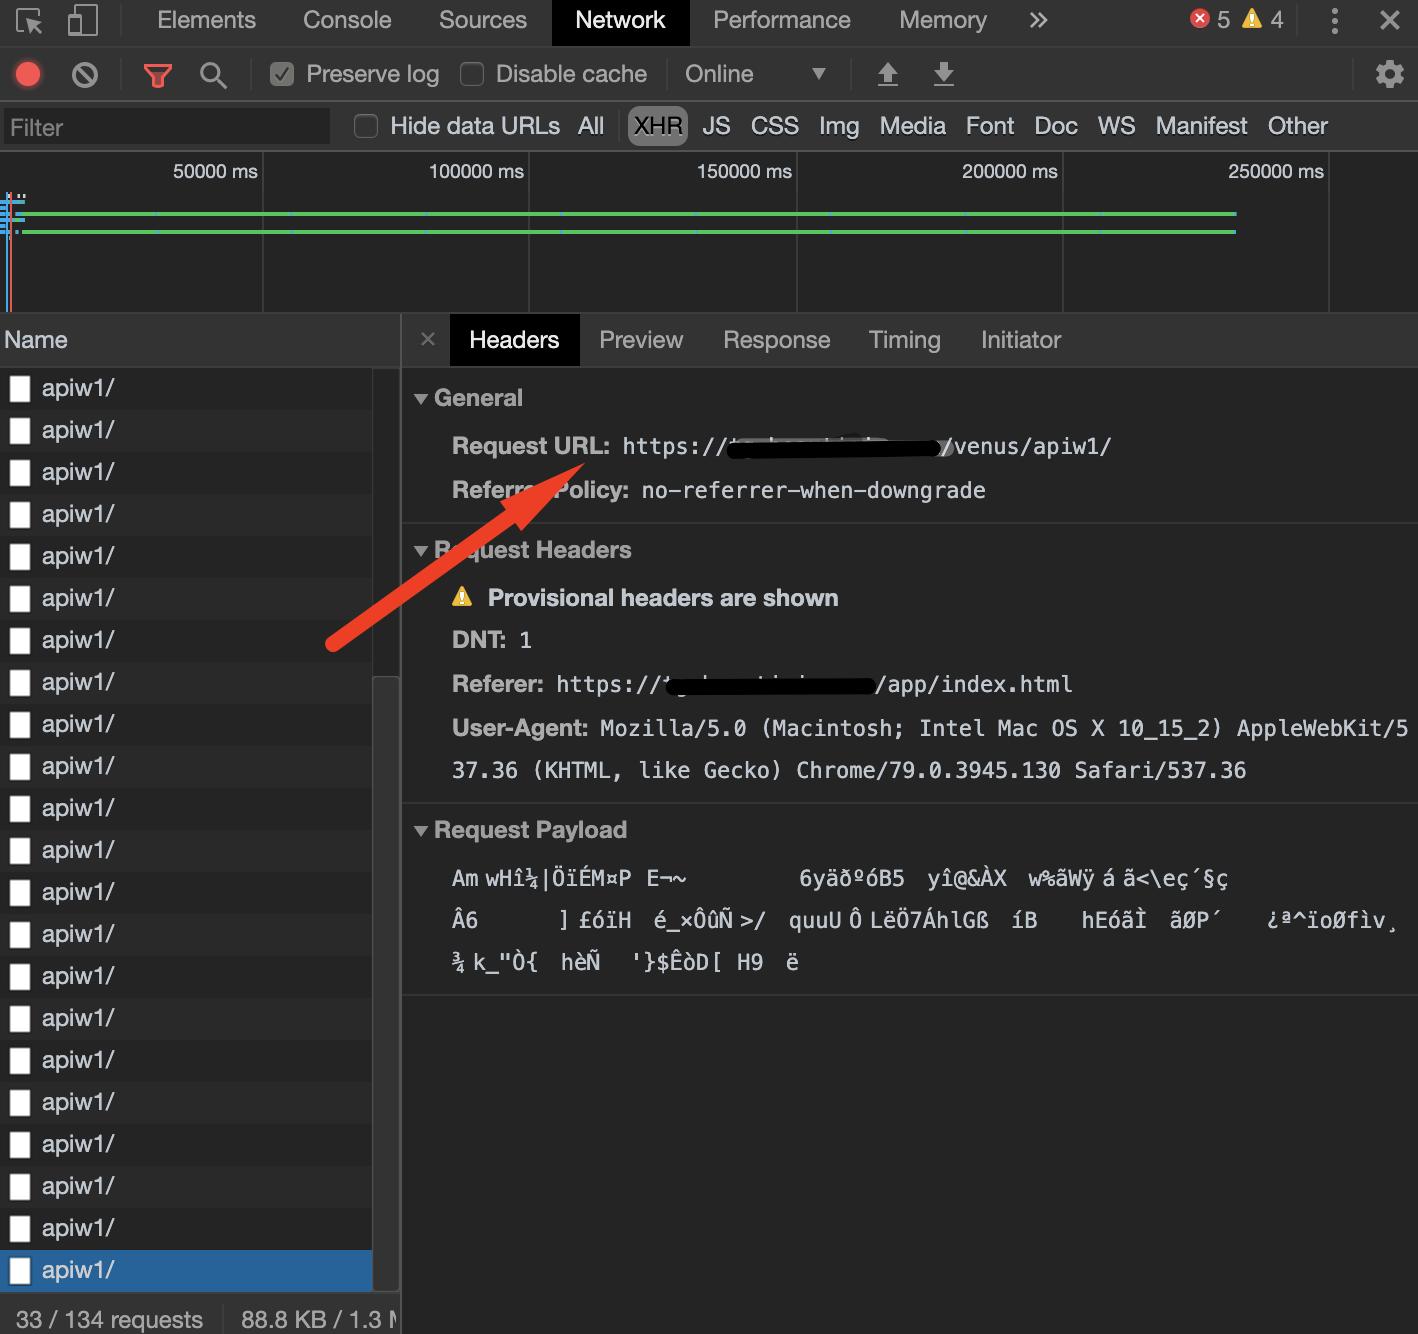 Поднимаем свой инстанс Webogram с проксированием через nginx - 2